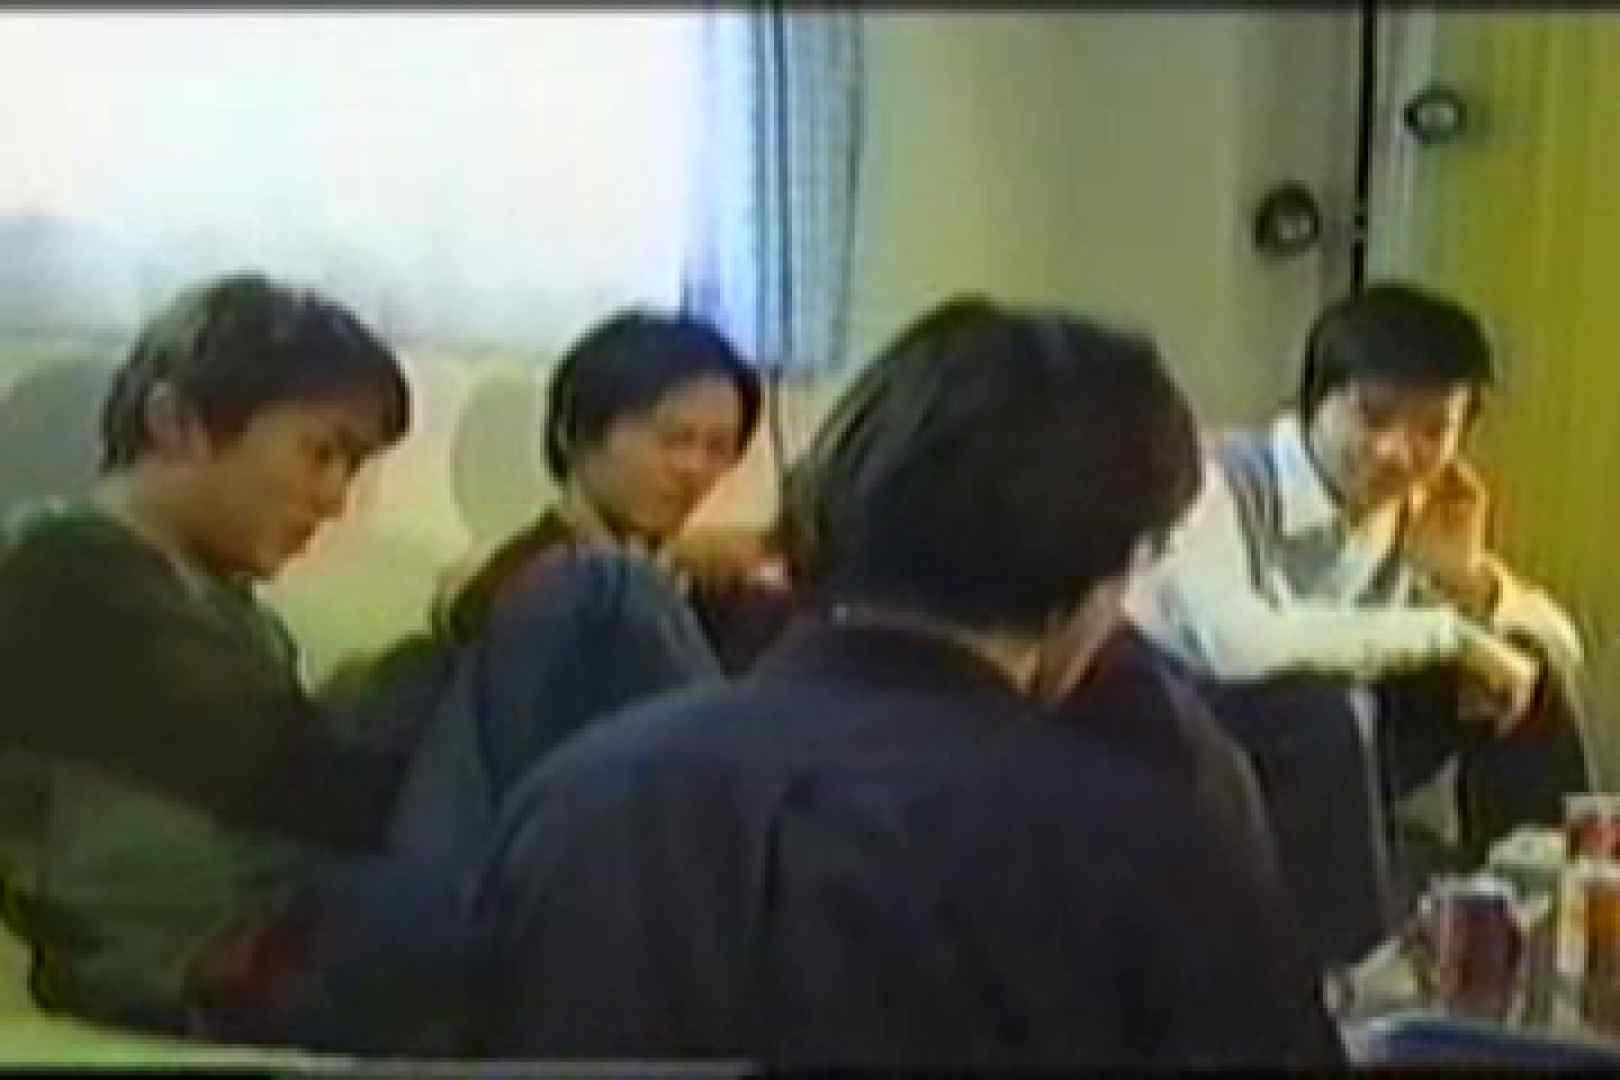 【流出】若者たちの集い 企画 ゲイ丸見え画像 77pic 31